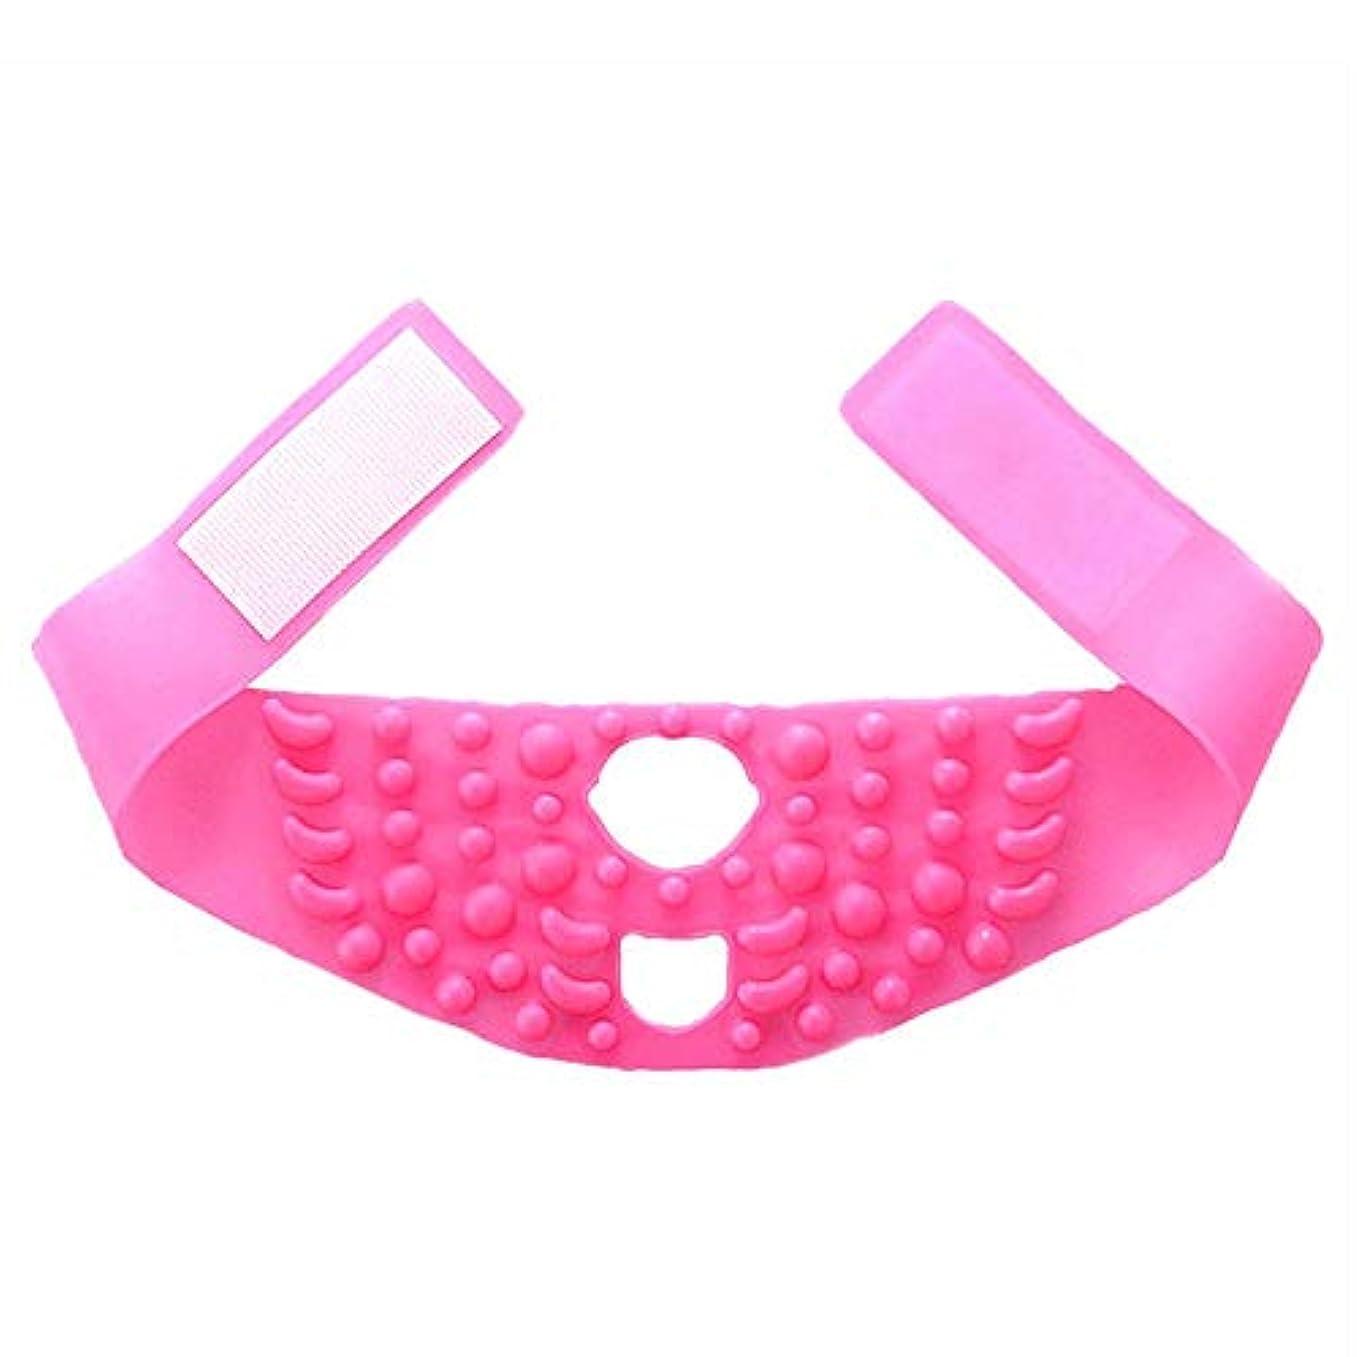 扱う一族鼻Minmin シンフェイスマスクシリコーンマッサージ引き締まった形の小さなVフェイスリフティングに薄いフェイスアーティファクト包帯を飾る - ピンク みんみんVラインフェイスマスク